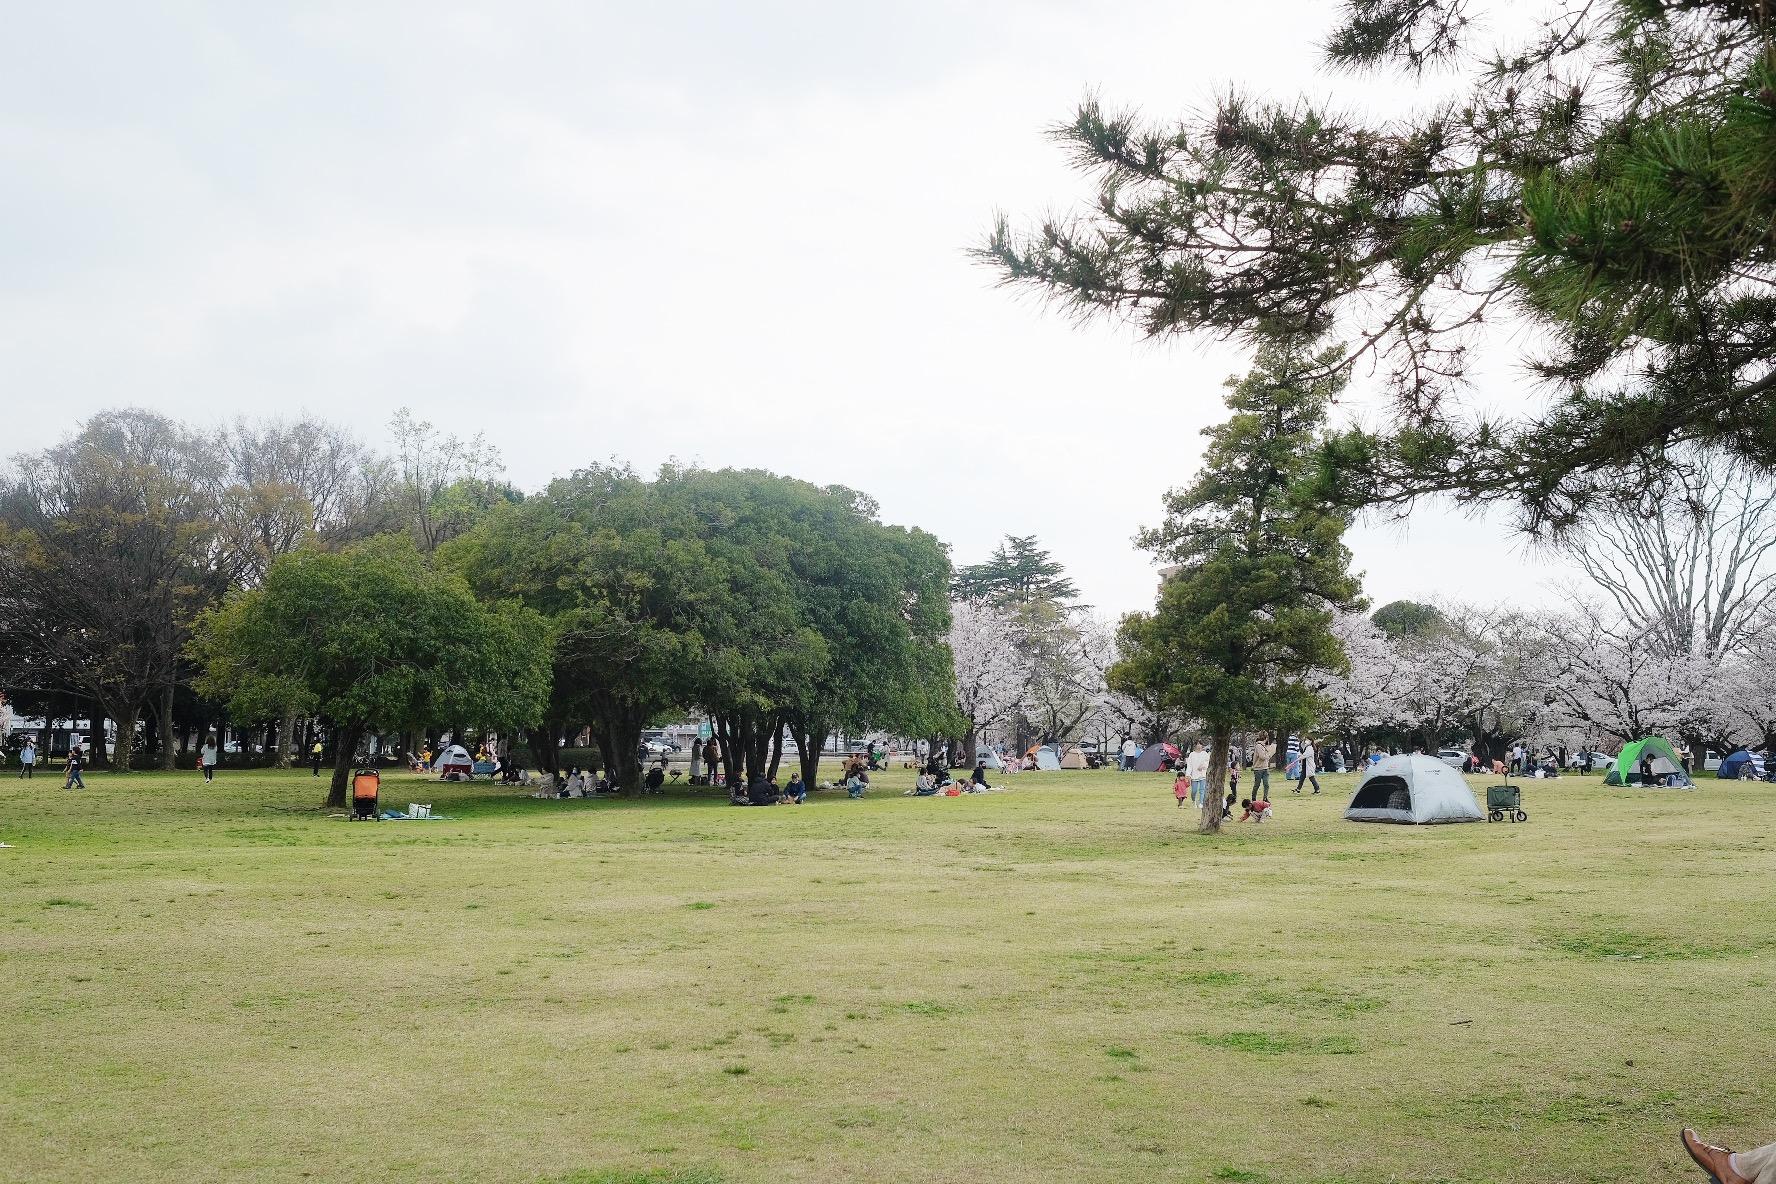 岐阜に「KAKAMIGAHARA PARK BRIDGE(カカミガハラ パーク ブリッジ)」が誕生!気になる公園の魅力をレポート - image9 2